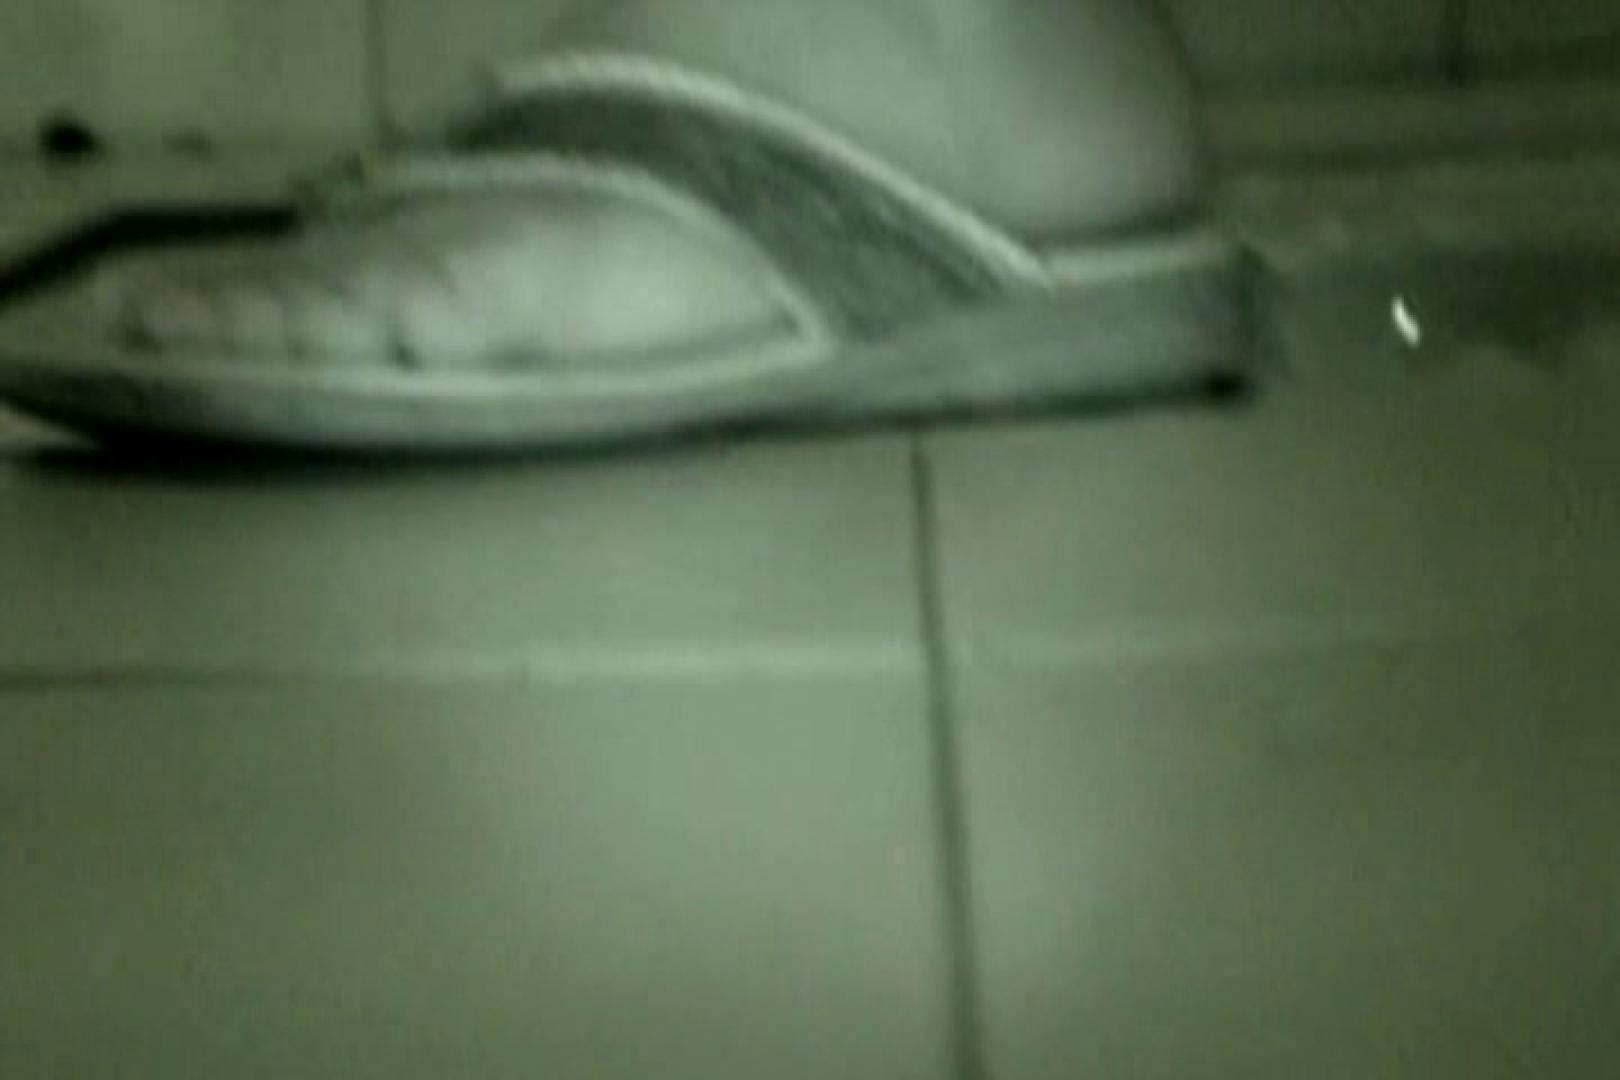 ぼっとん洗面所スペシャルVol.5 おまんこ無修正   エロティックなOL  68画像 16